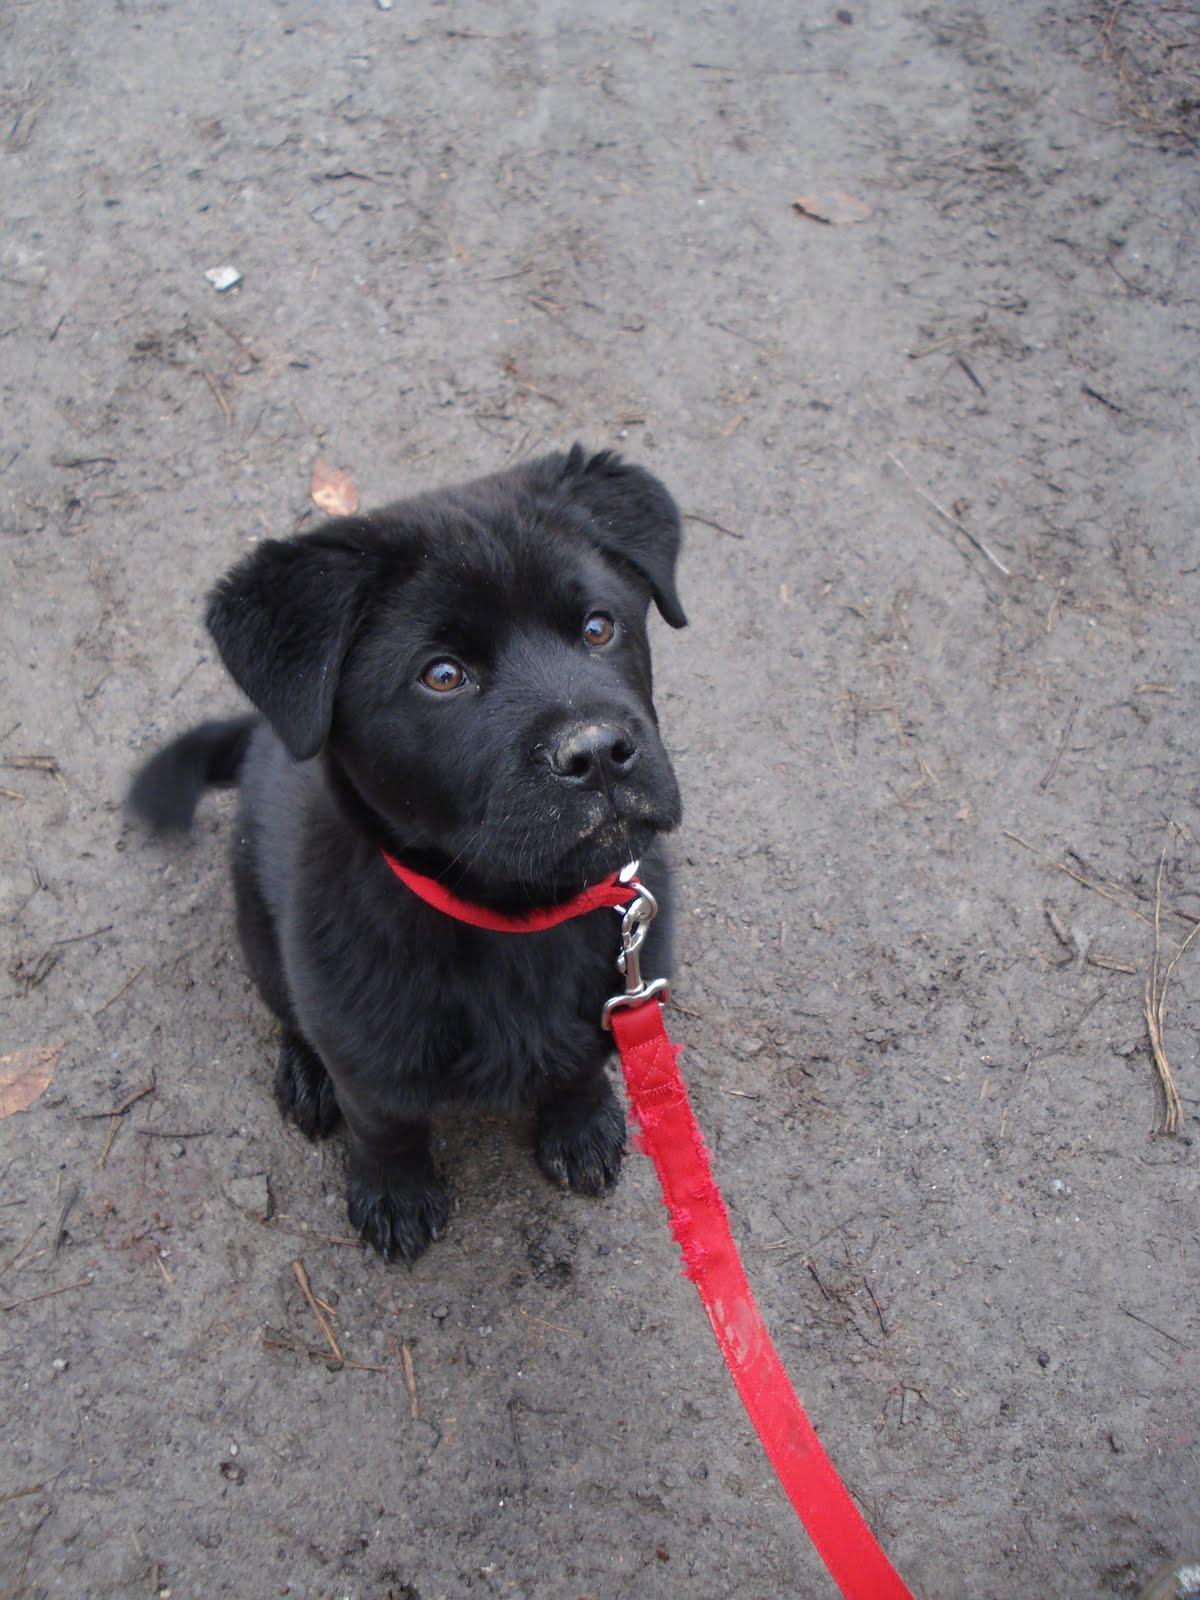 Black Lab Bullmastiff Mix Puppy Images & Pictures - Becuo